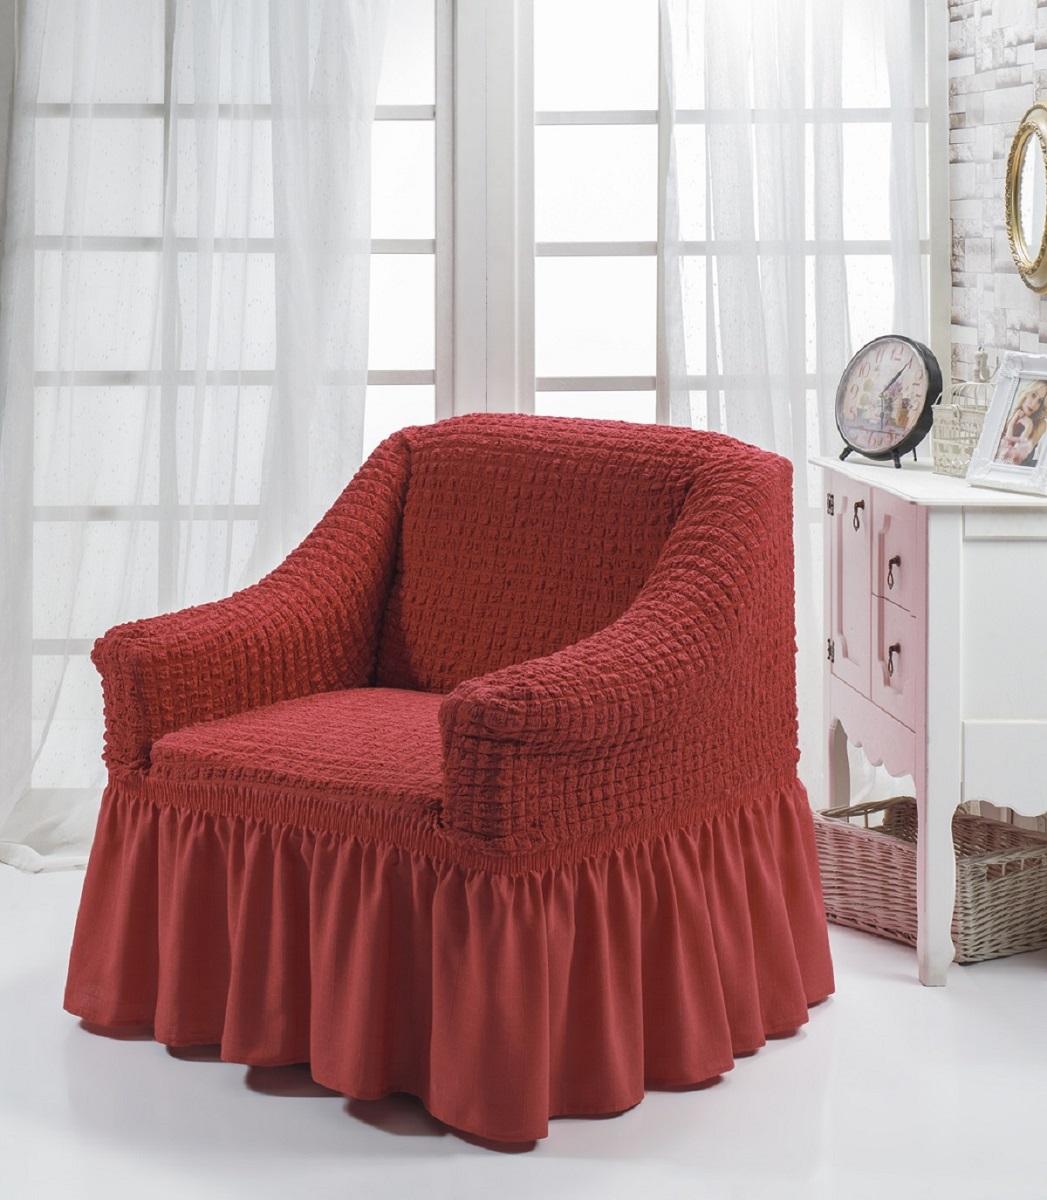 Чехол для кресла Burumcuk Bulsan, цвет: кирпичный1797/CHAR008Чехол на кресло Burumcuk Bulsan выполнен из высококачественного полиэстера и хлопка с красивым рельефом. Предназначен для кресла стандартного размера со спинкой высотой в 140 см. Такой чехол изысканно дополнит интерьер вашего дома. Изделие прорезинено со всех сторон и оснащено закрывающей оборкой.Ширина и глубина посадочного места: 70-80 см.Высота спинки от сиденья: 70-80 см.Высота подлокотников: 35-45 см.Ширина подлокотников: 25-35 см.Длина оборки: 35 см.